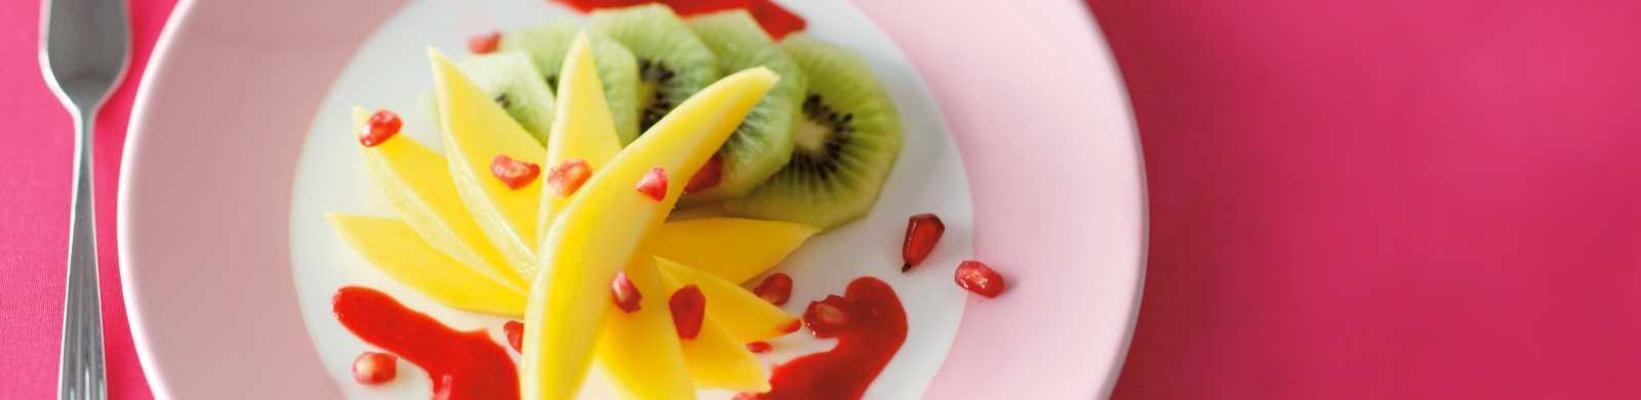 kiwi-mango salad with forest fruit coulis